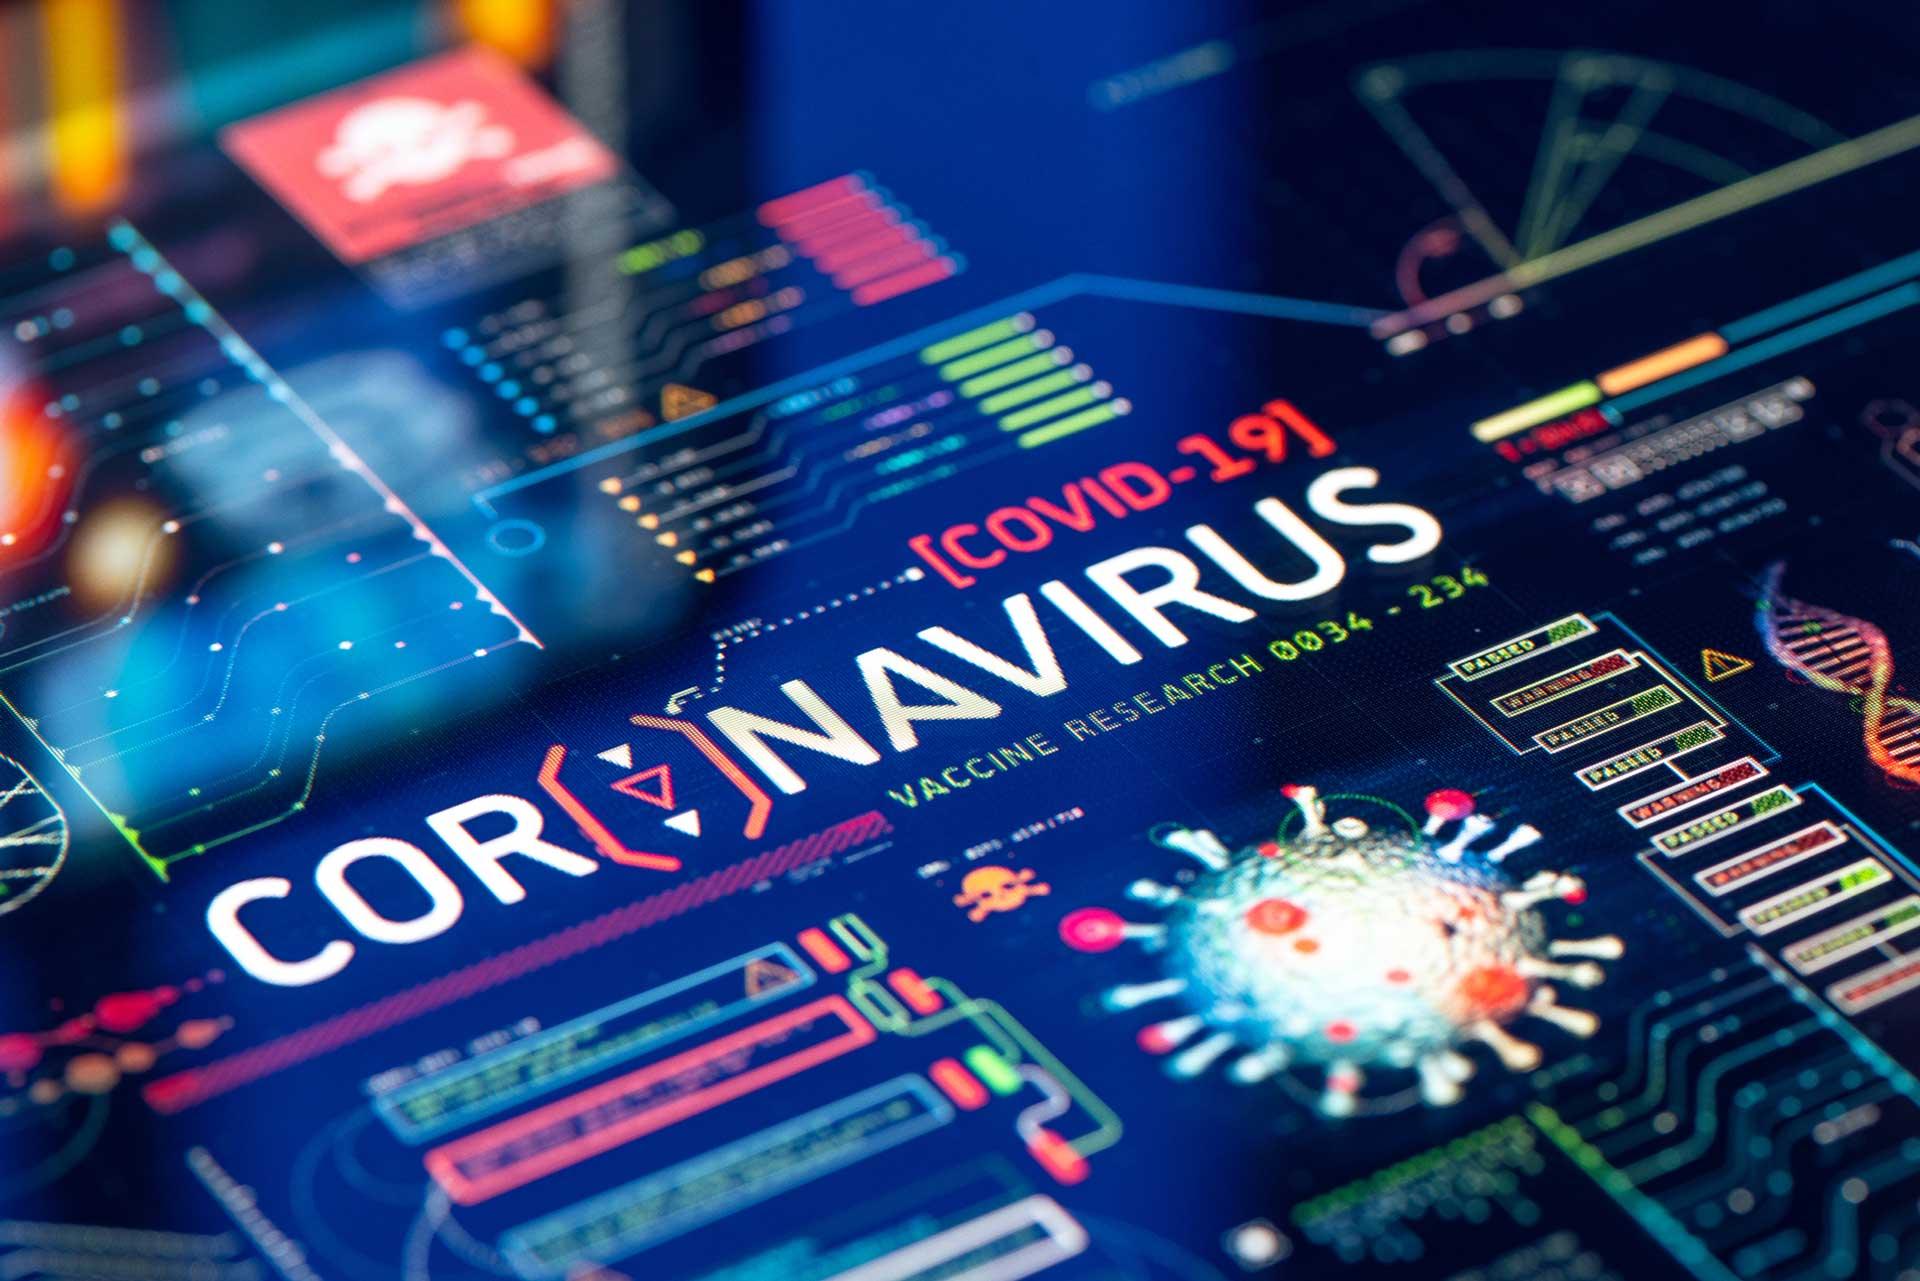 Como a pandemia mudou o cenário de cibersegurança